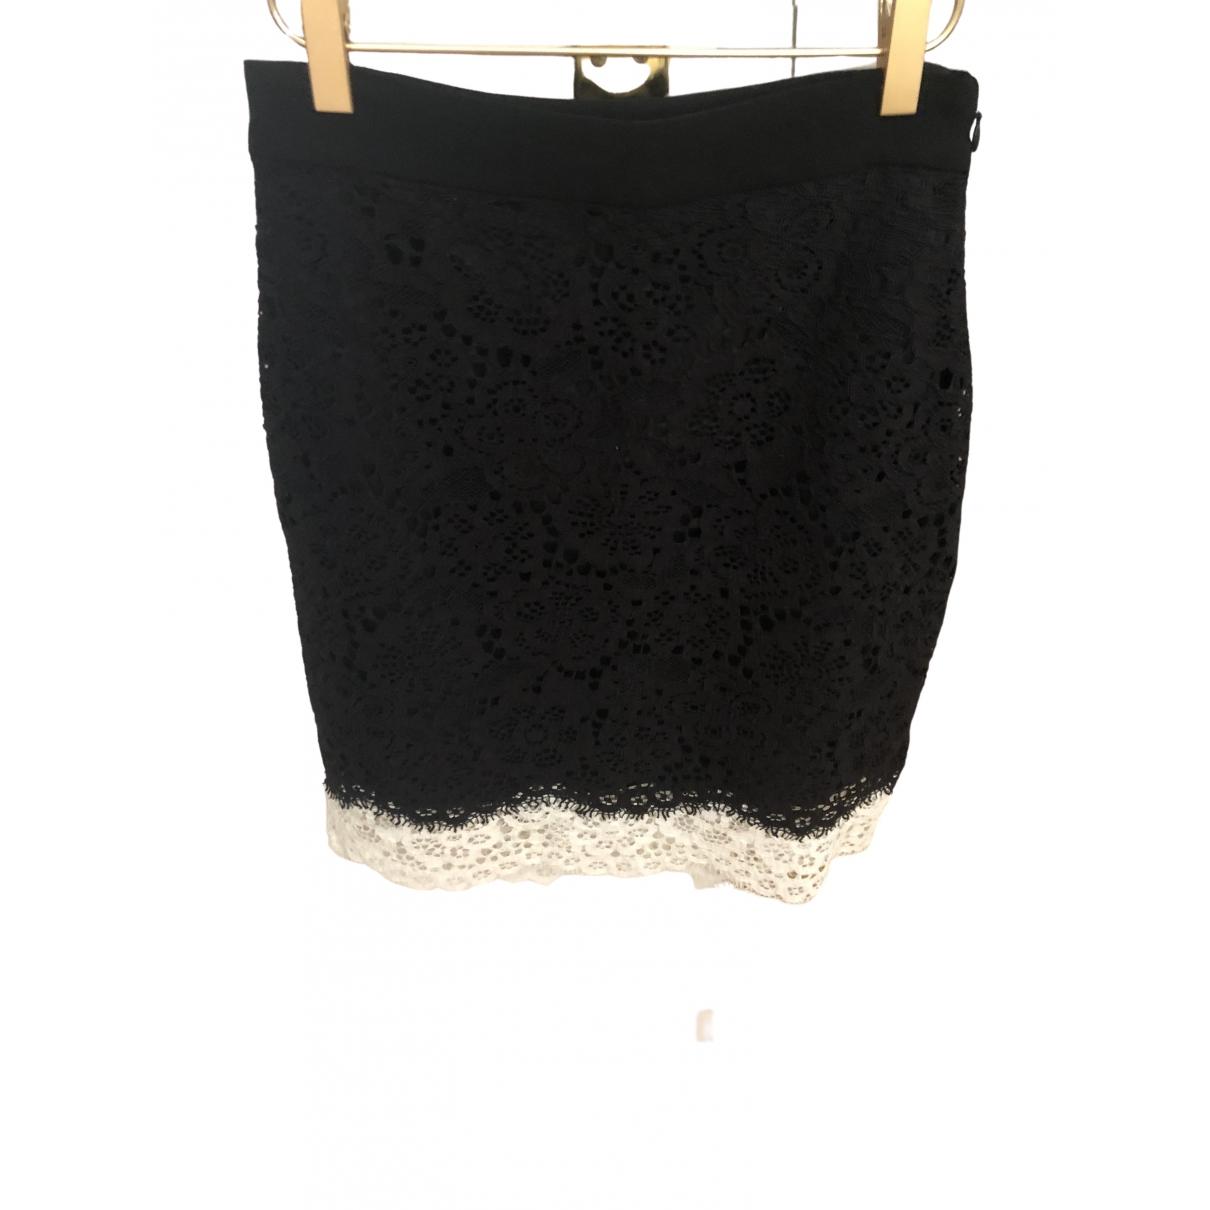 Claudie Pierlot - Jupe Fall Winter 2019 pour femme en coton - noir